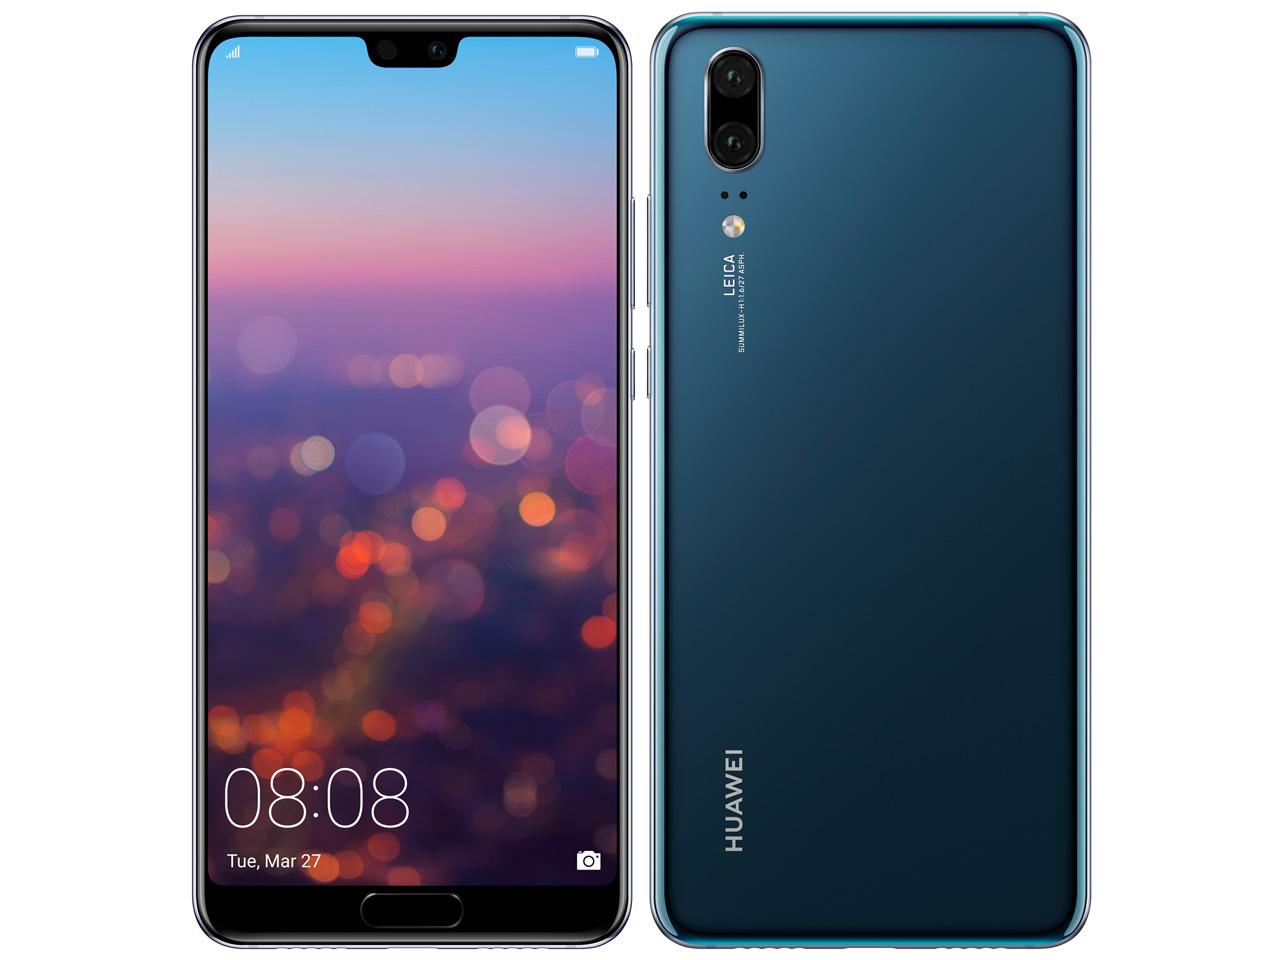 【新品未開封・白ロム・本体】SIMフリーHUAWEI P20 EML-L29 BLUE スマートフォン 携帯電話 P20 p20 Blue P20 ミッドナイトブルー